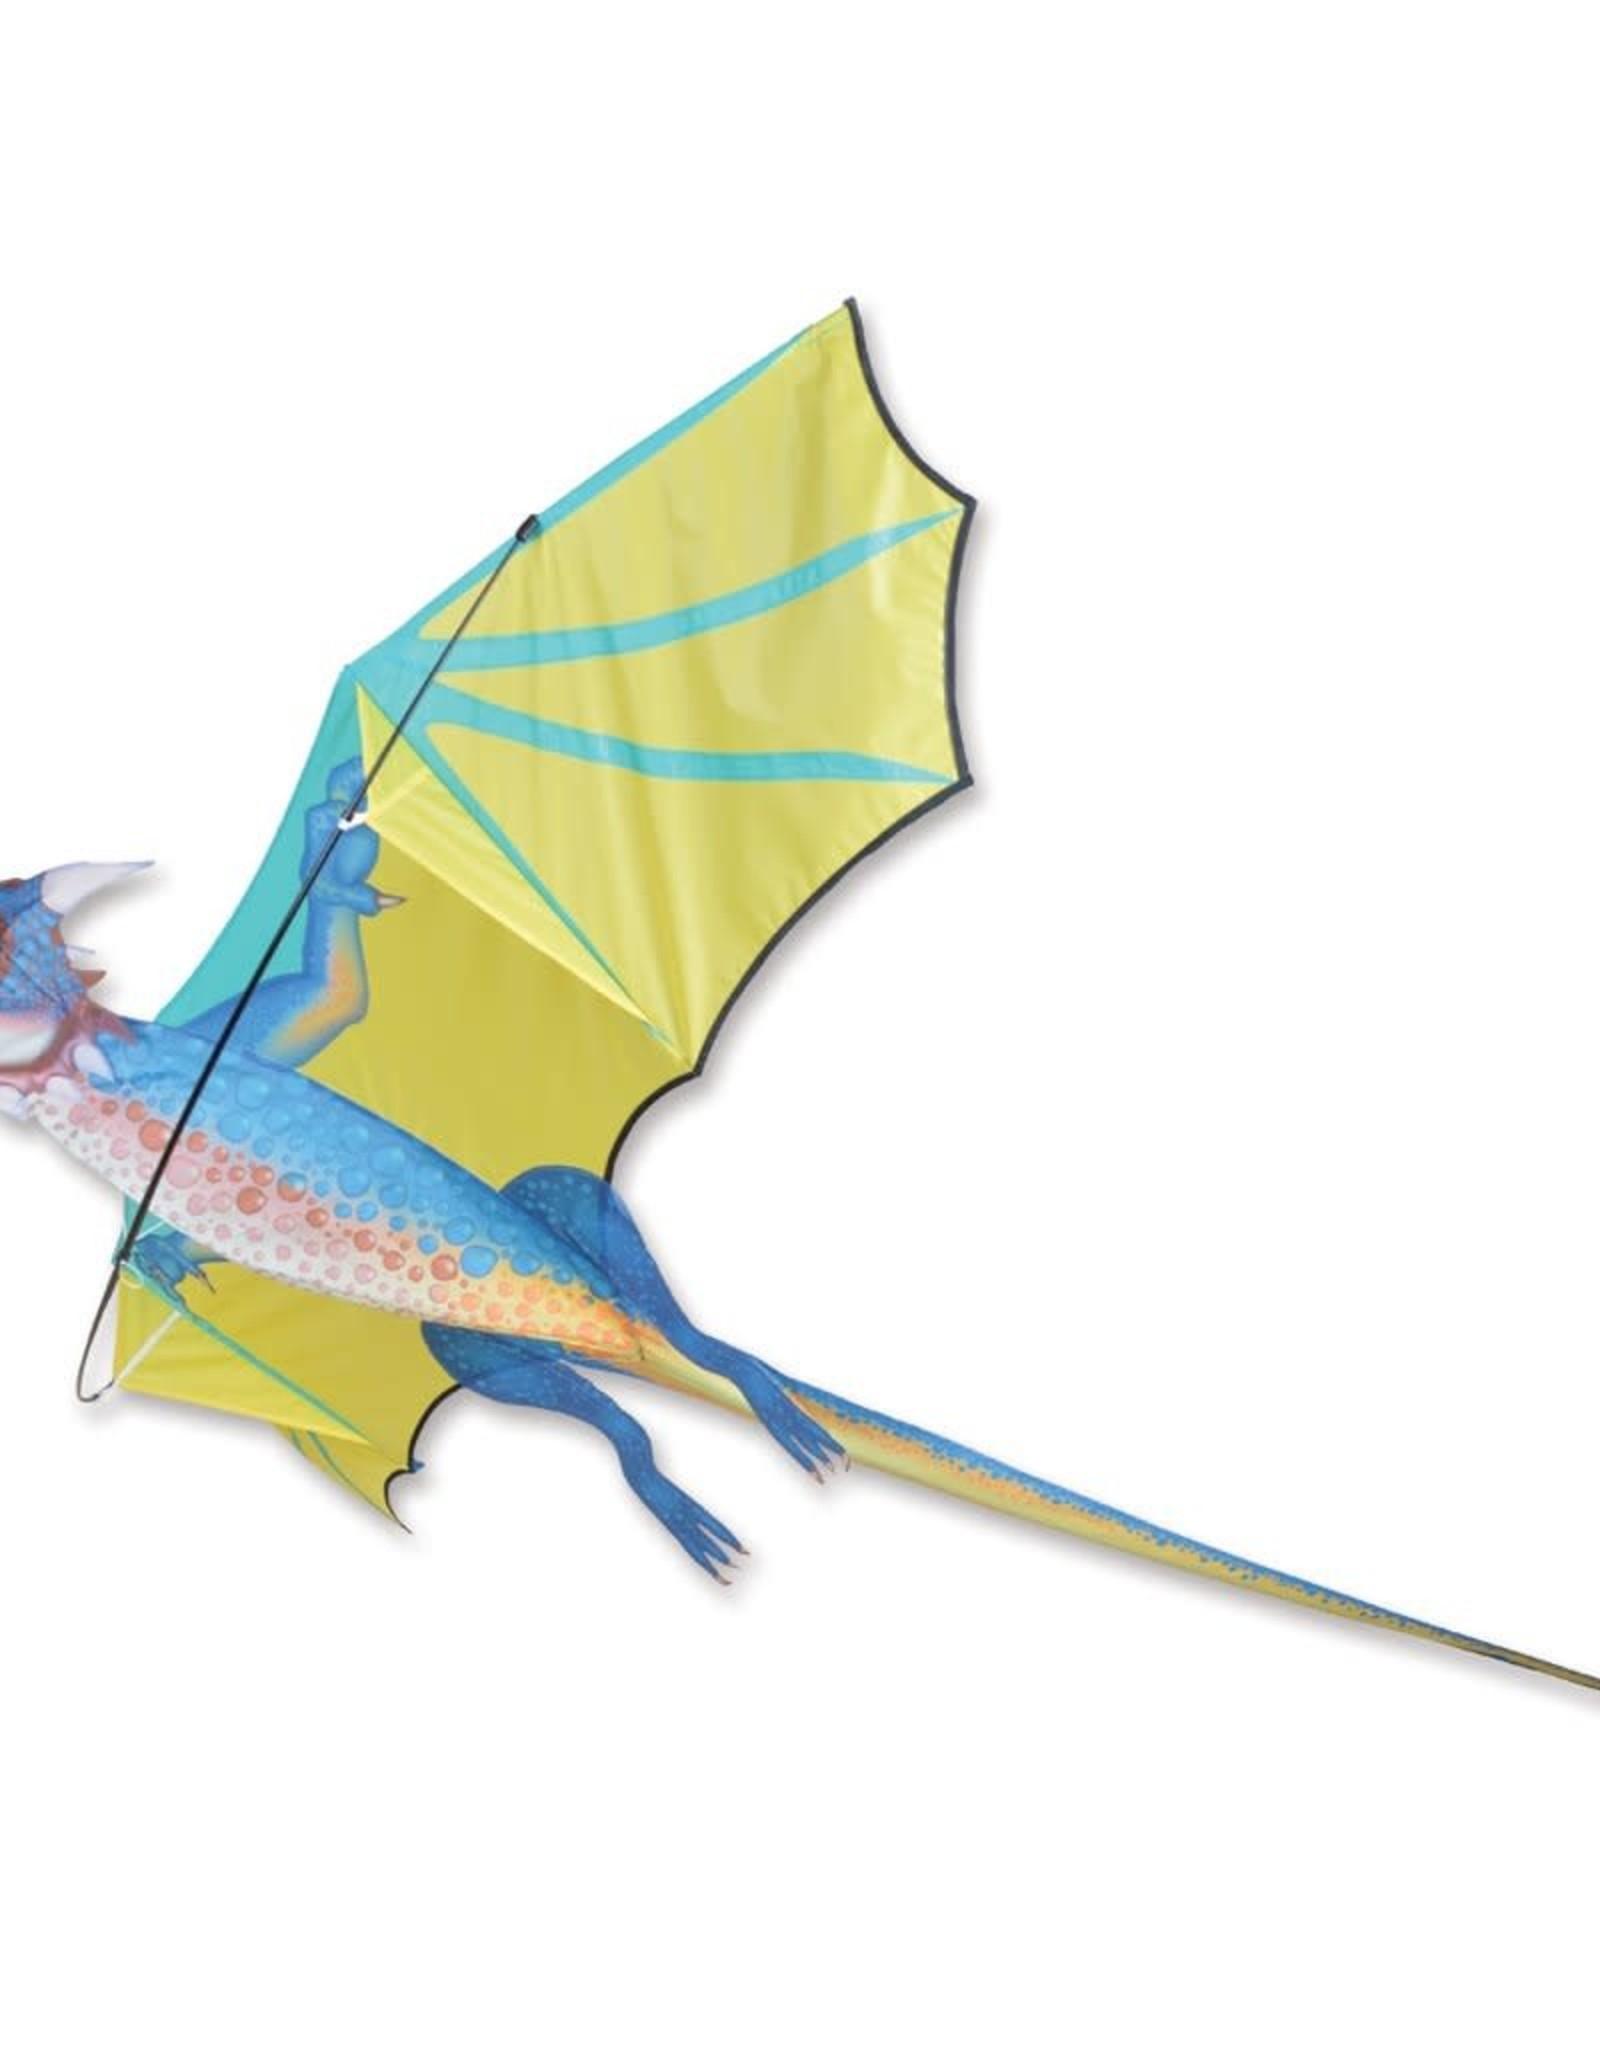 Premier Kites 3D DRAGON - Stormcloud